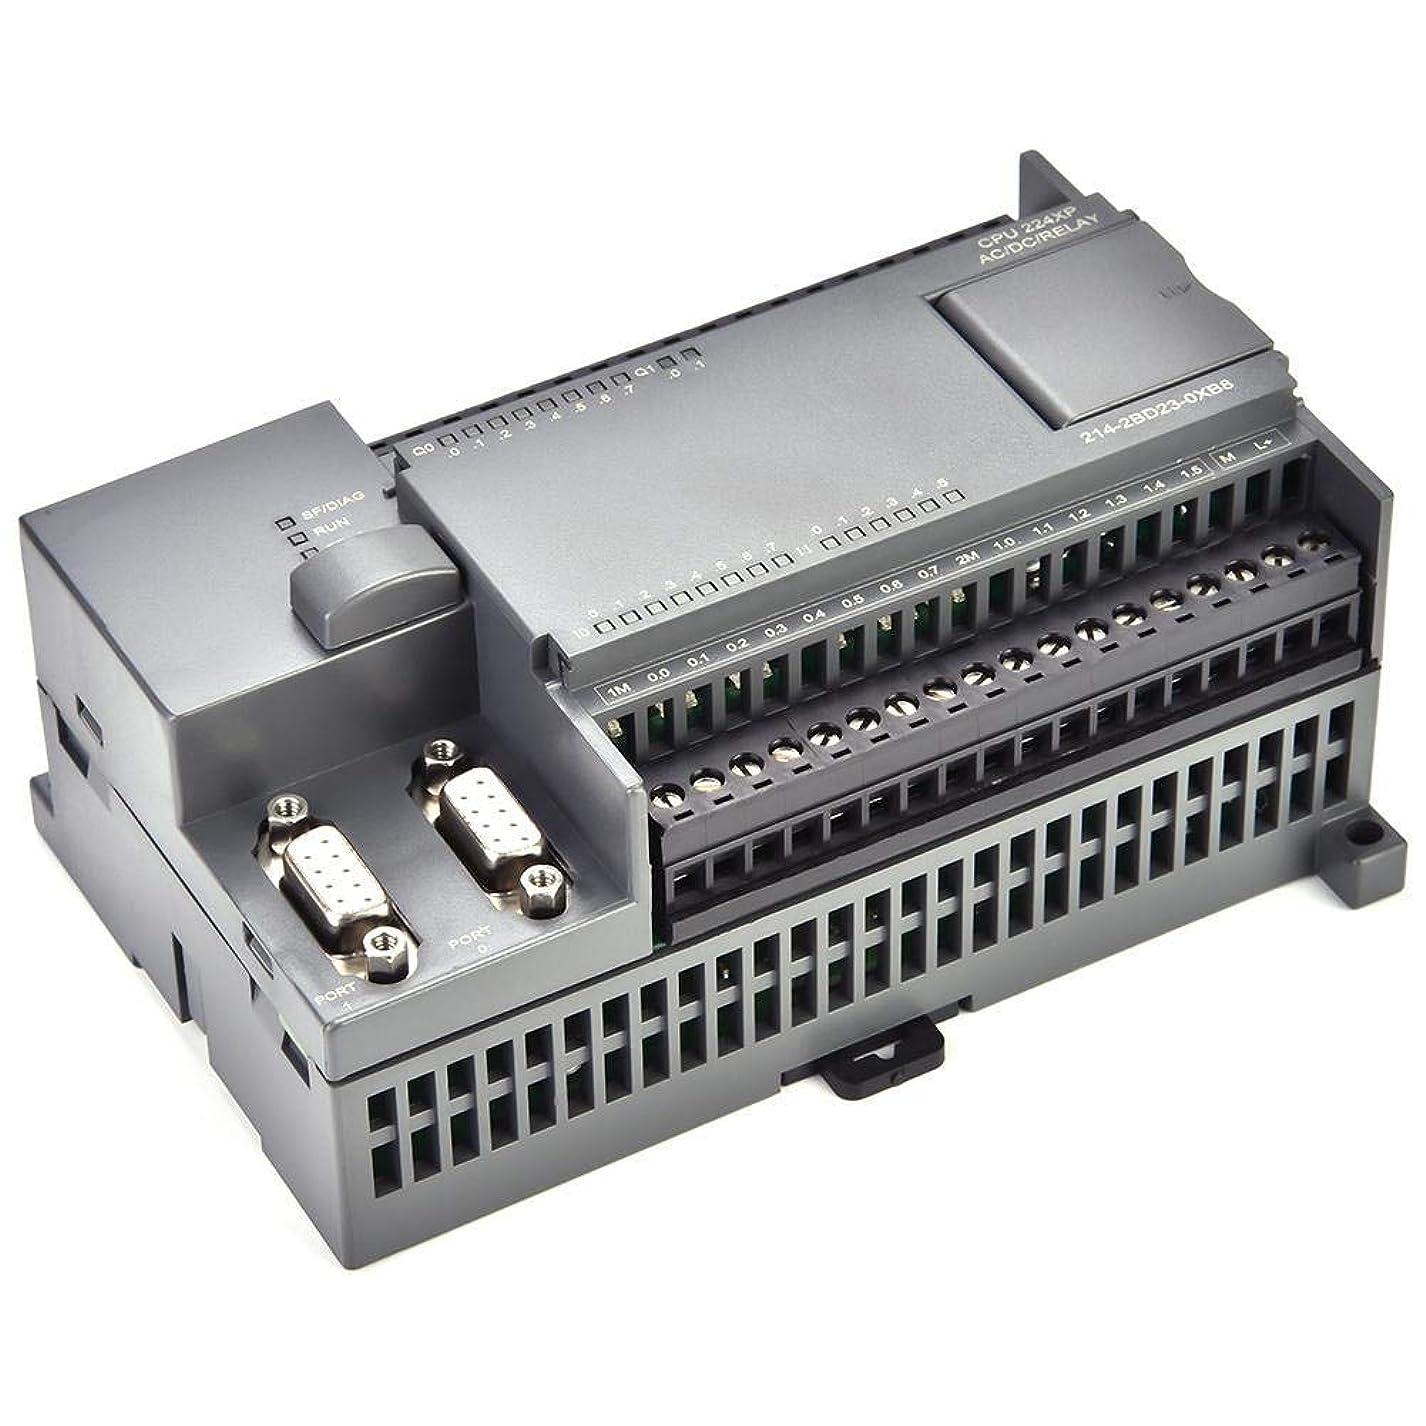 大惨事菊間違っているZWH-ZWH プログラマブルロジックコントローラ、220V PLC S7-200 CPU224XPリレー出力プログラマブルロジックコントローラ産業用制御ボードPLCリレー 電気板